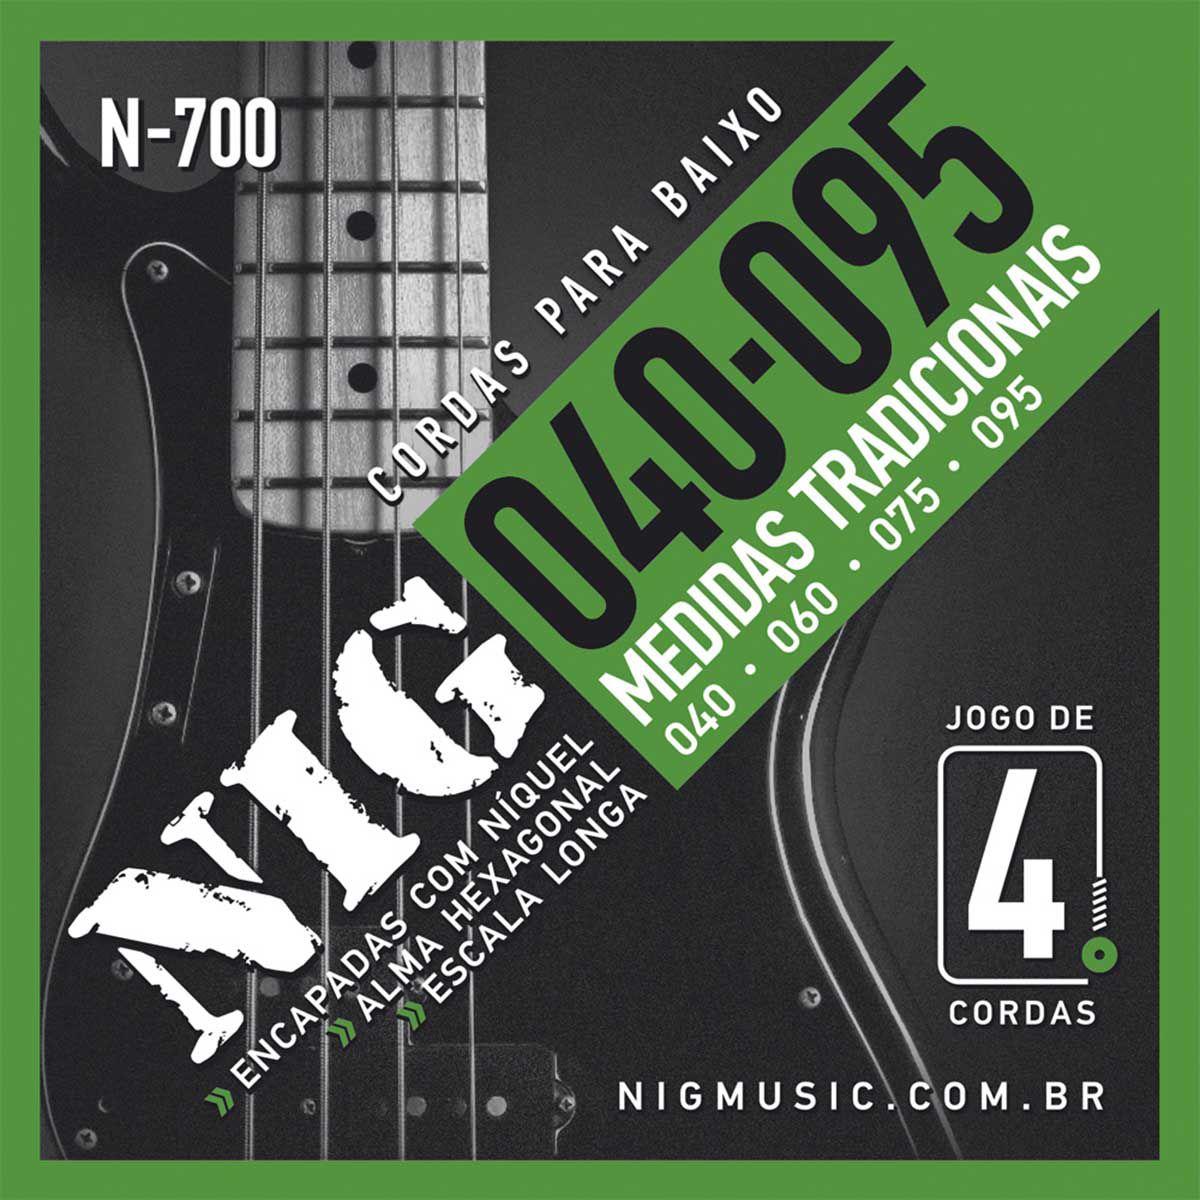 Encordoamento Nig N-700 040/095 para Contrabaixo 4C